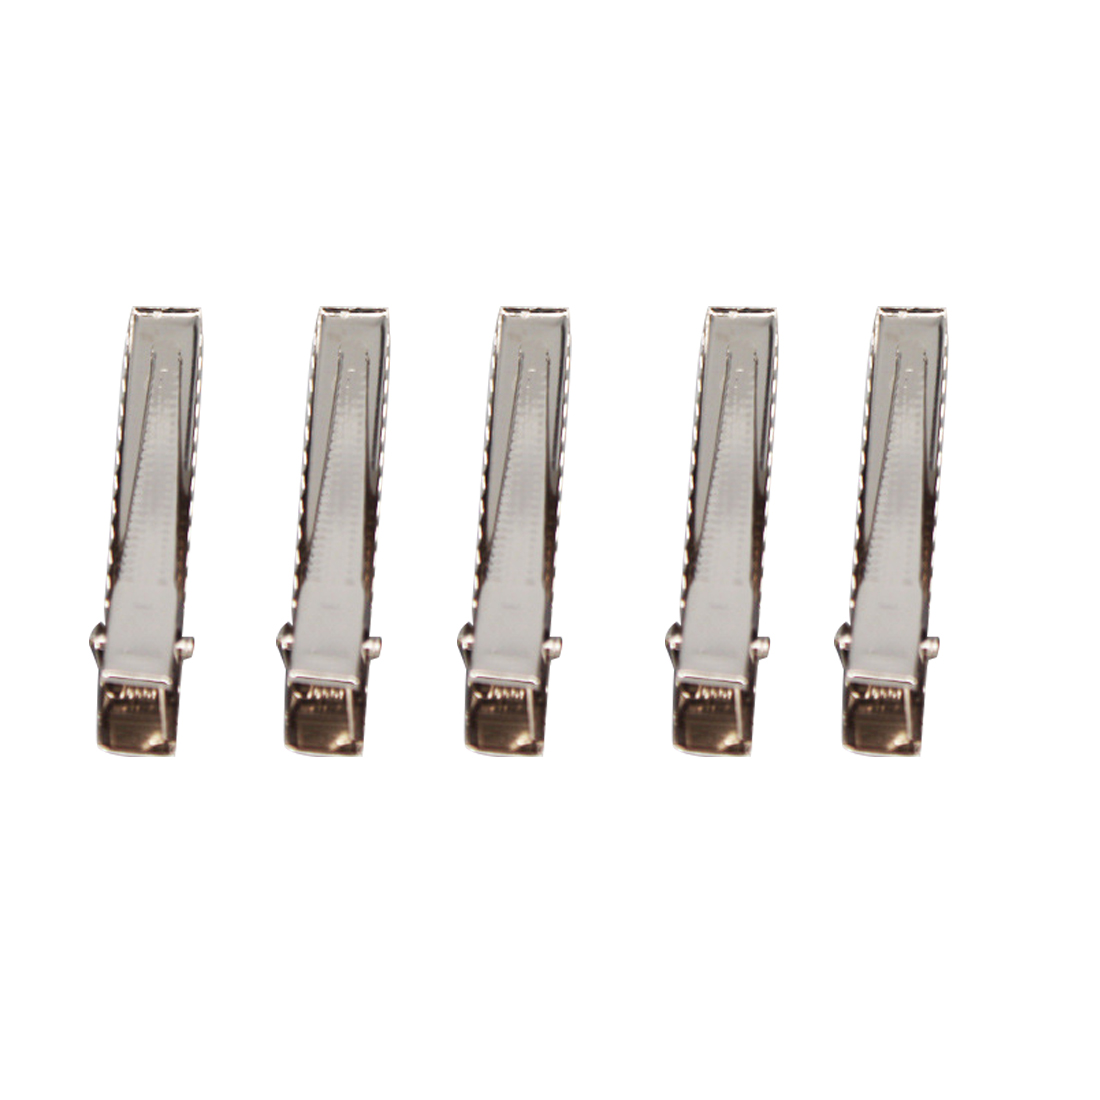 Лидер продаж 50 шт. серебристый плоский металлический Одноместный зубец Аллигатор Заколки для волос заколка для Луки DIY аксессуары заколки аксессуары